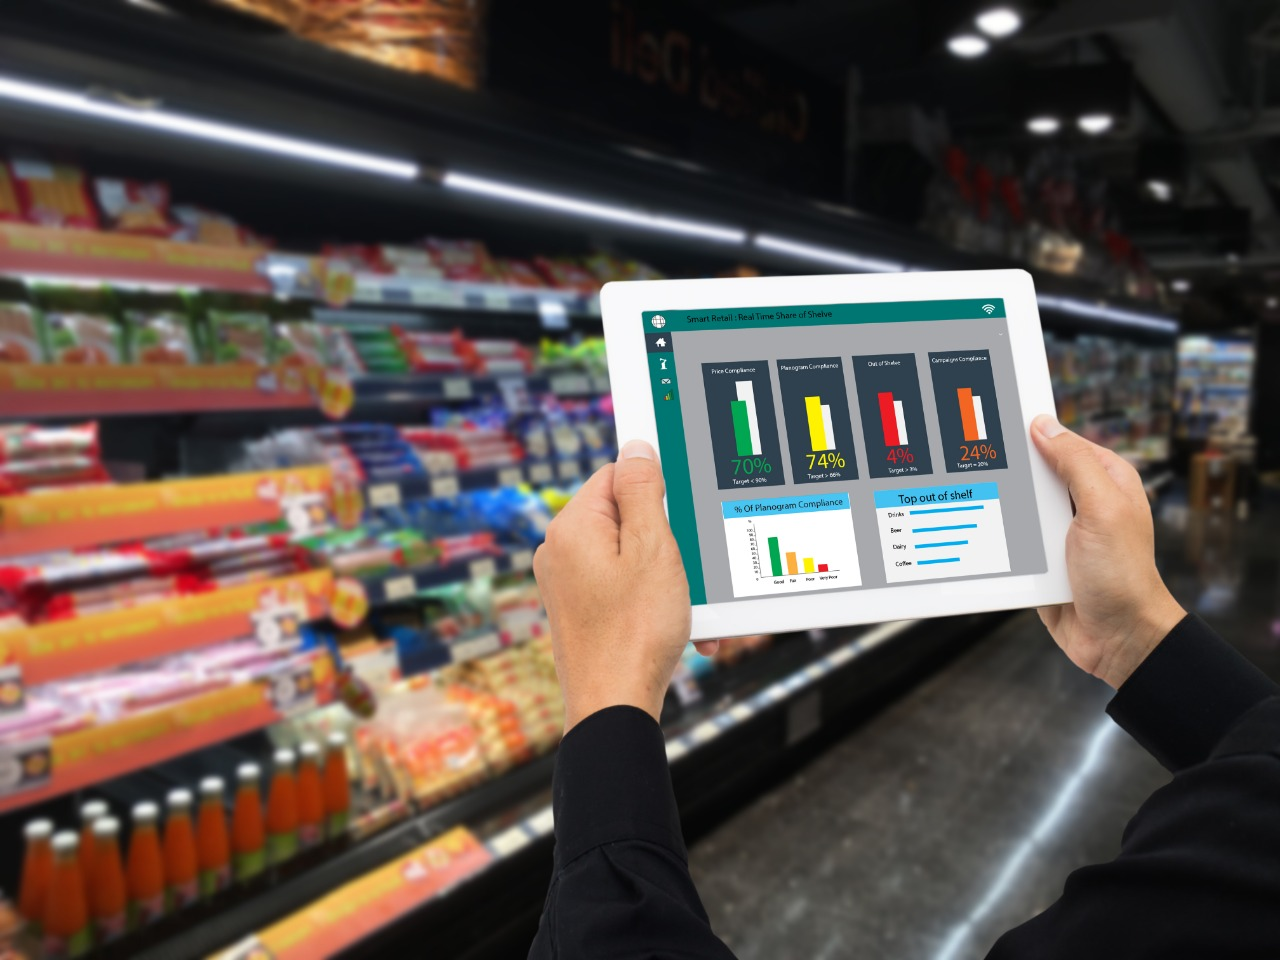 sistema de gestão para loja, exemplo de tecnologia no varejo